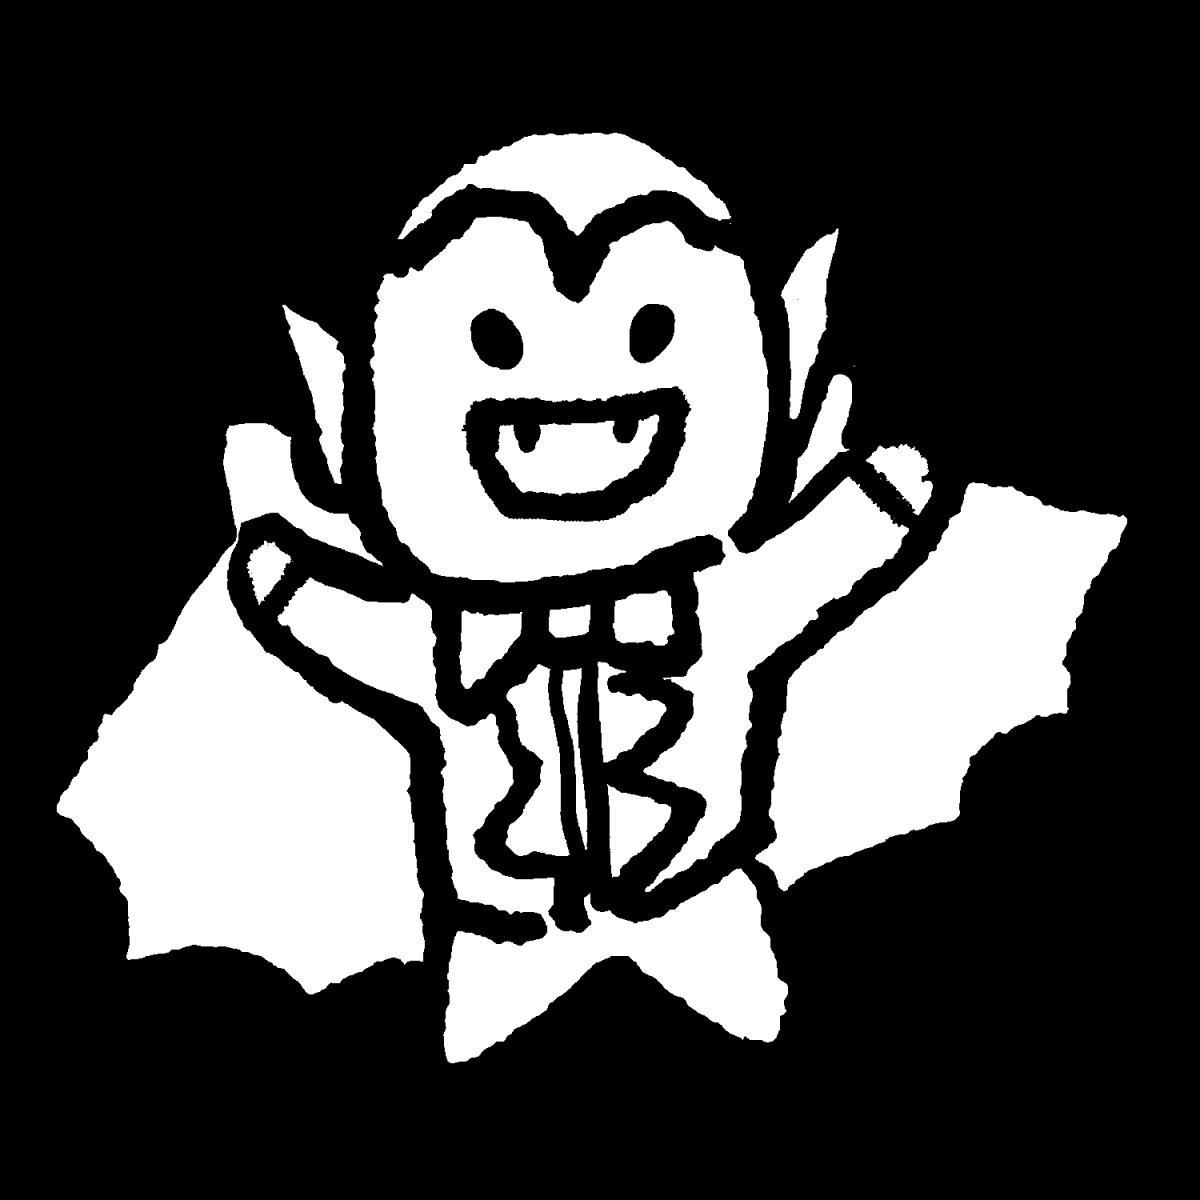 怖がらせるドラキュラのイラスト / Intimidating Dracula Illustration